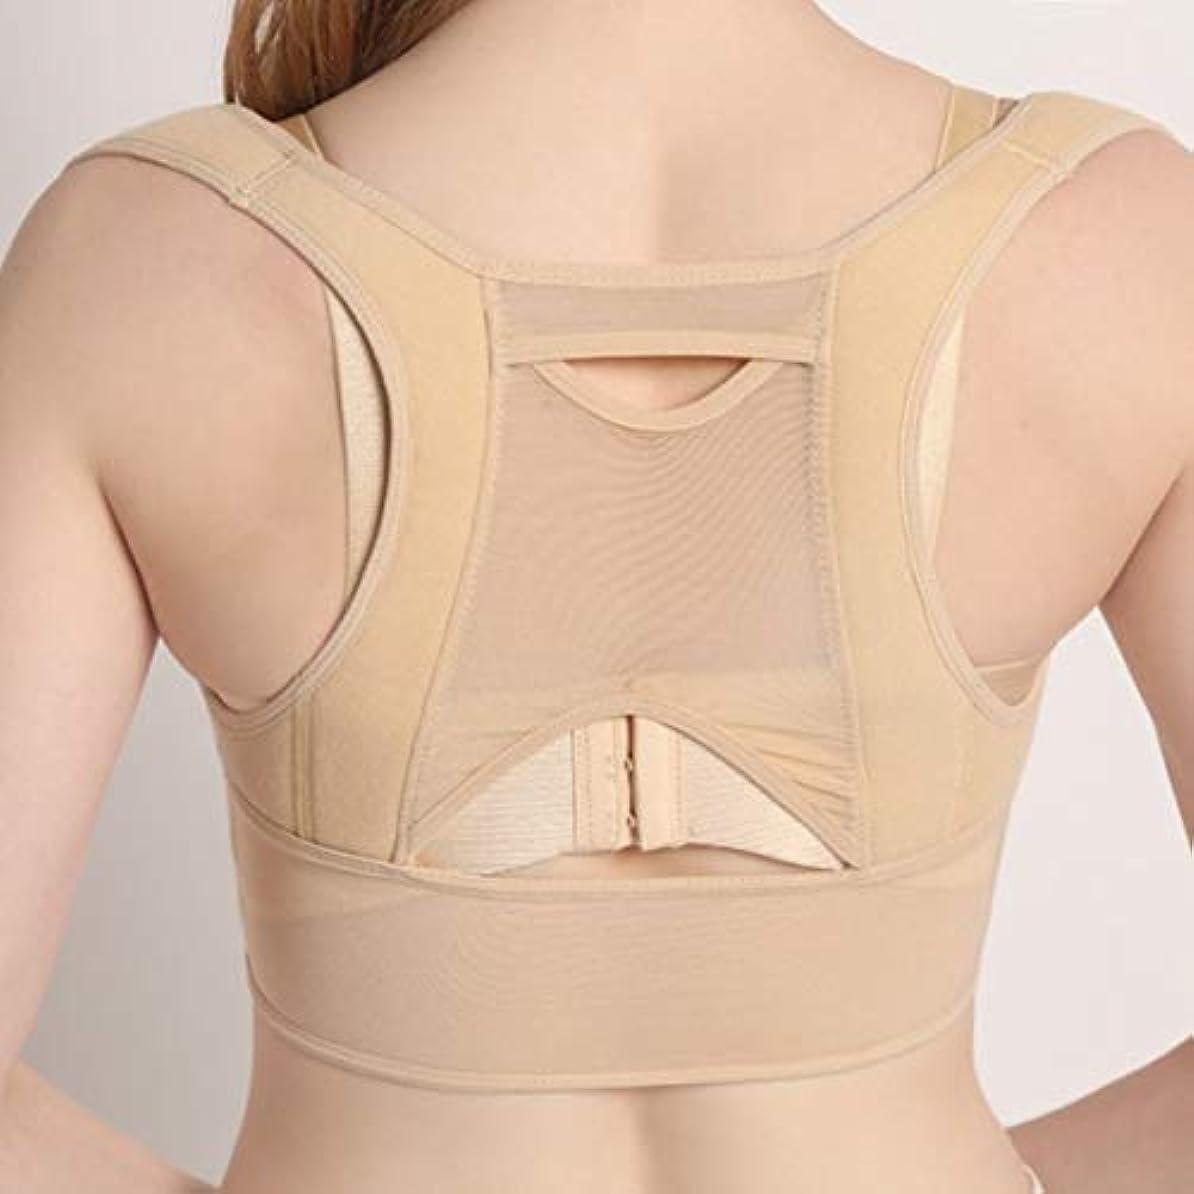 スポーツシール黒板通気性のある女性の背中の姿勢矯正コルセット整形外科の背中の肩の背骨の姿勢矯正腰椎サポート - ベージュホワイトL